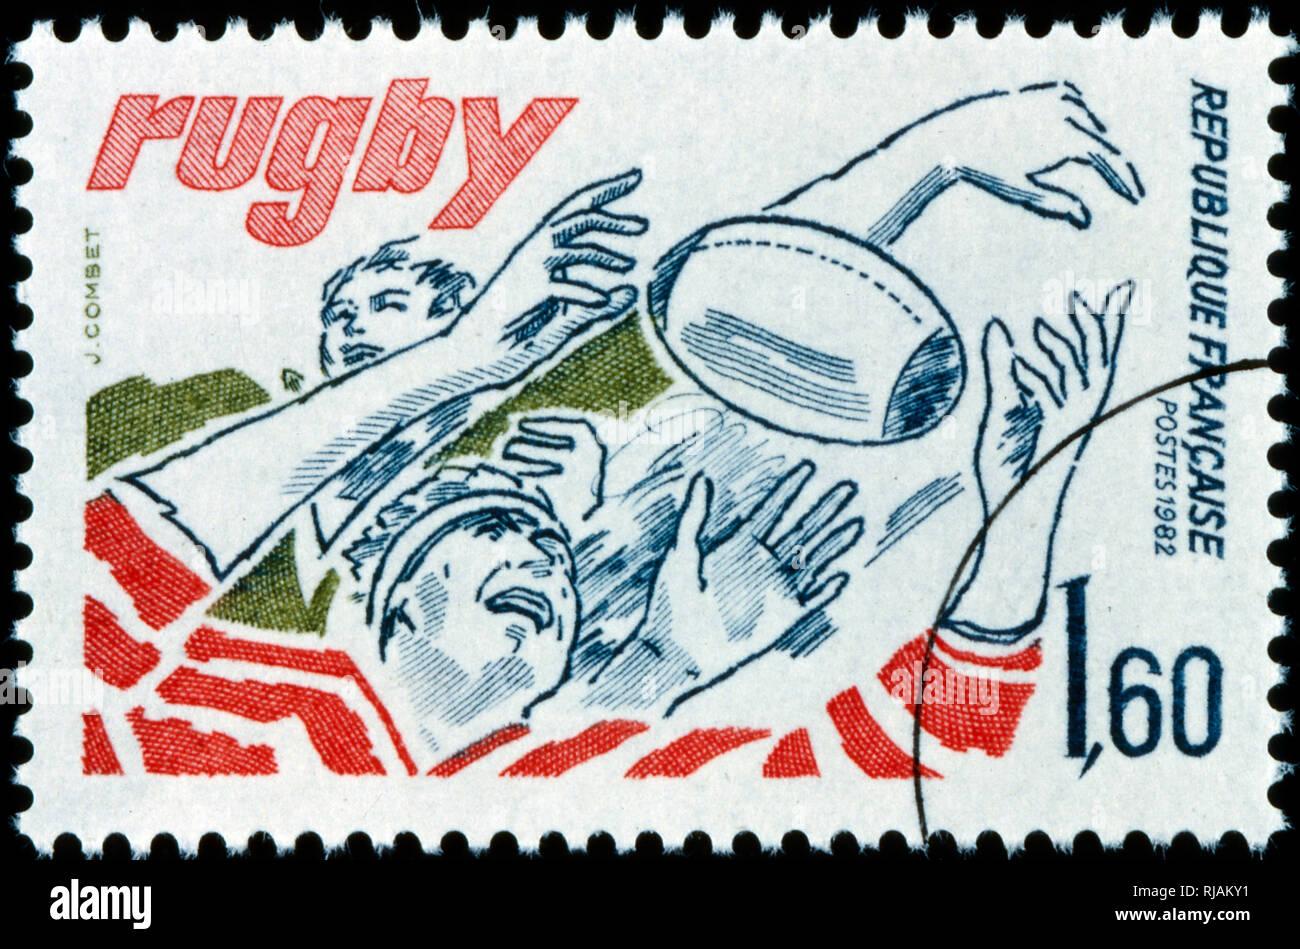 Francés estampilla conmemorando el deporte del Rugby. 1982 Imagen De Stock